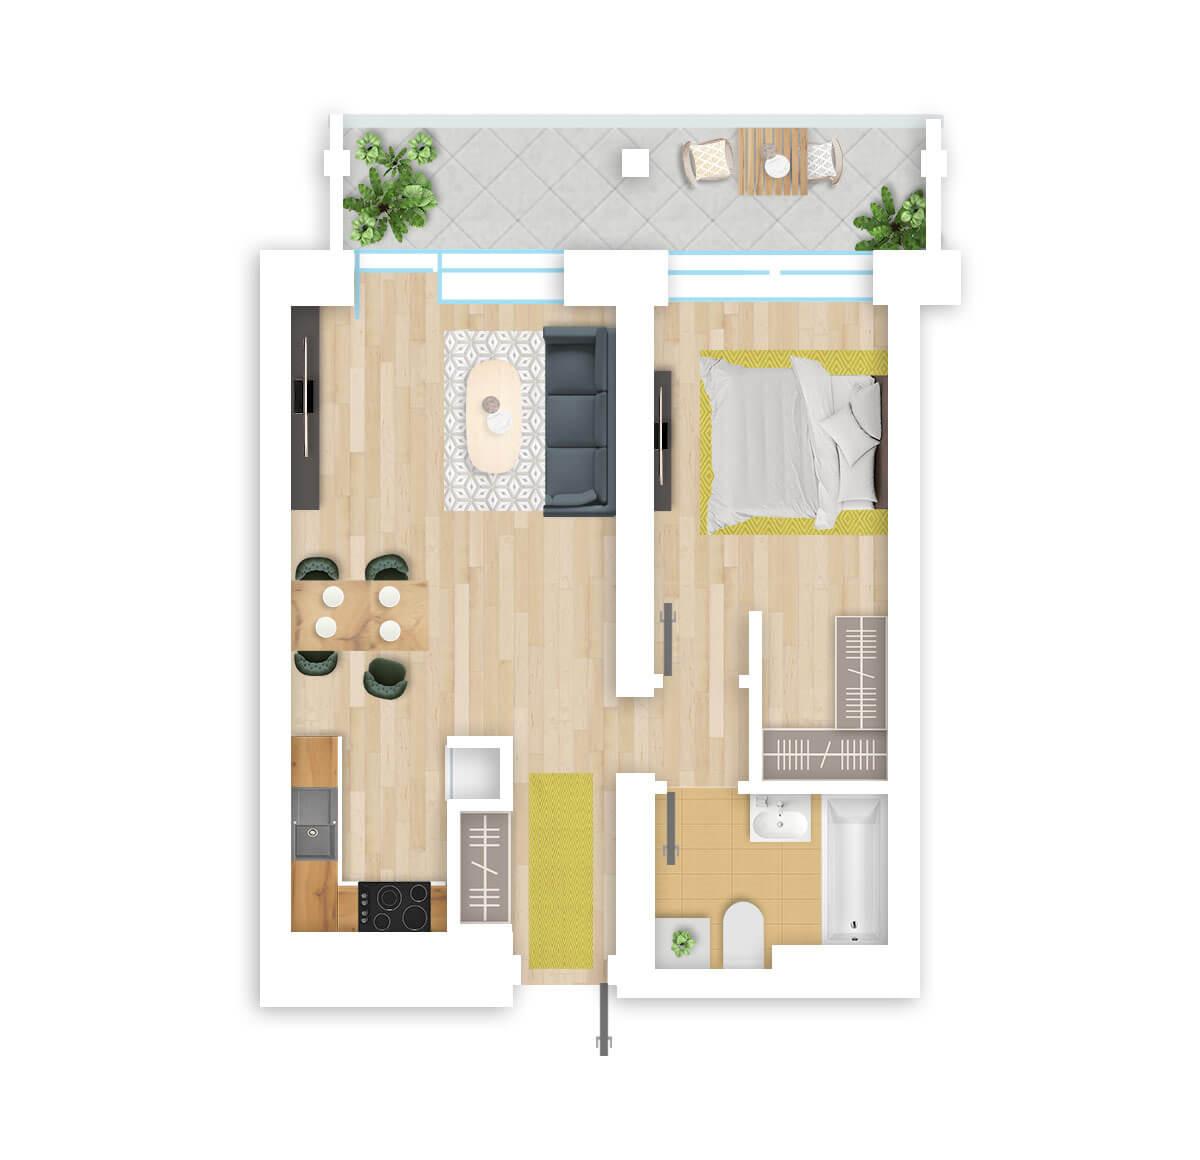 parduodamas butas Lazdynėlių g. 16A - 4 Vilniuje, buto 3D vaizdas